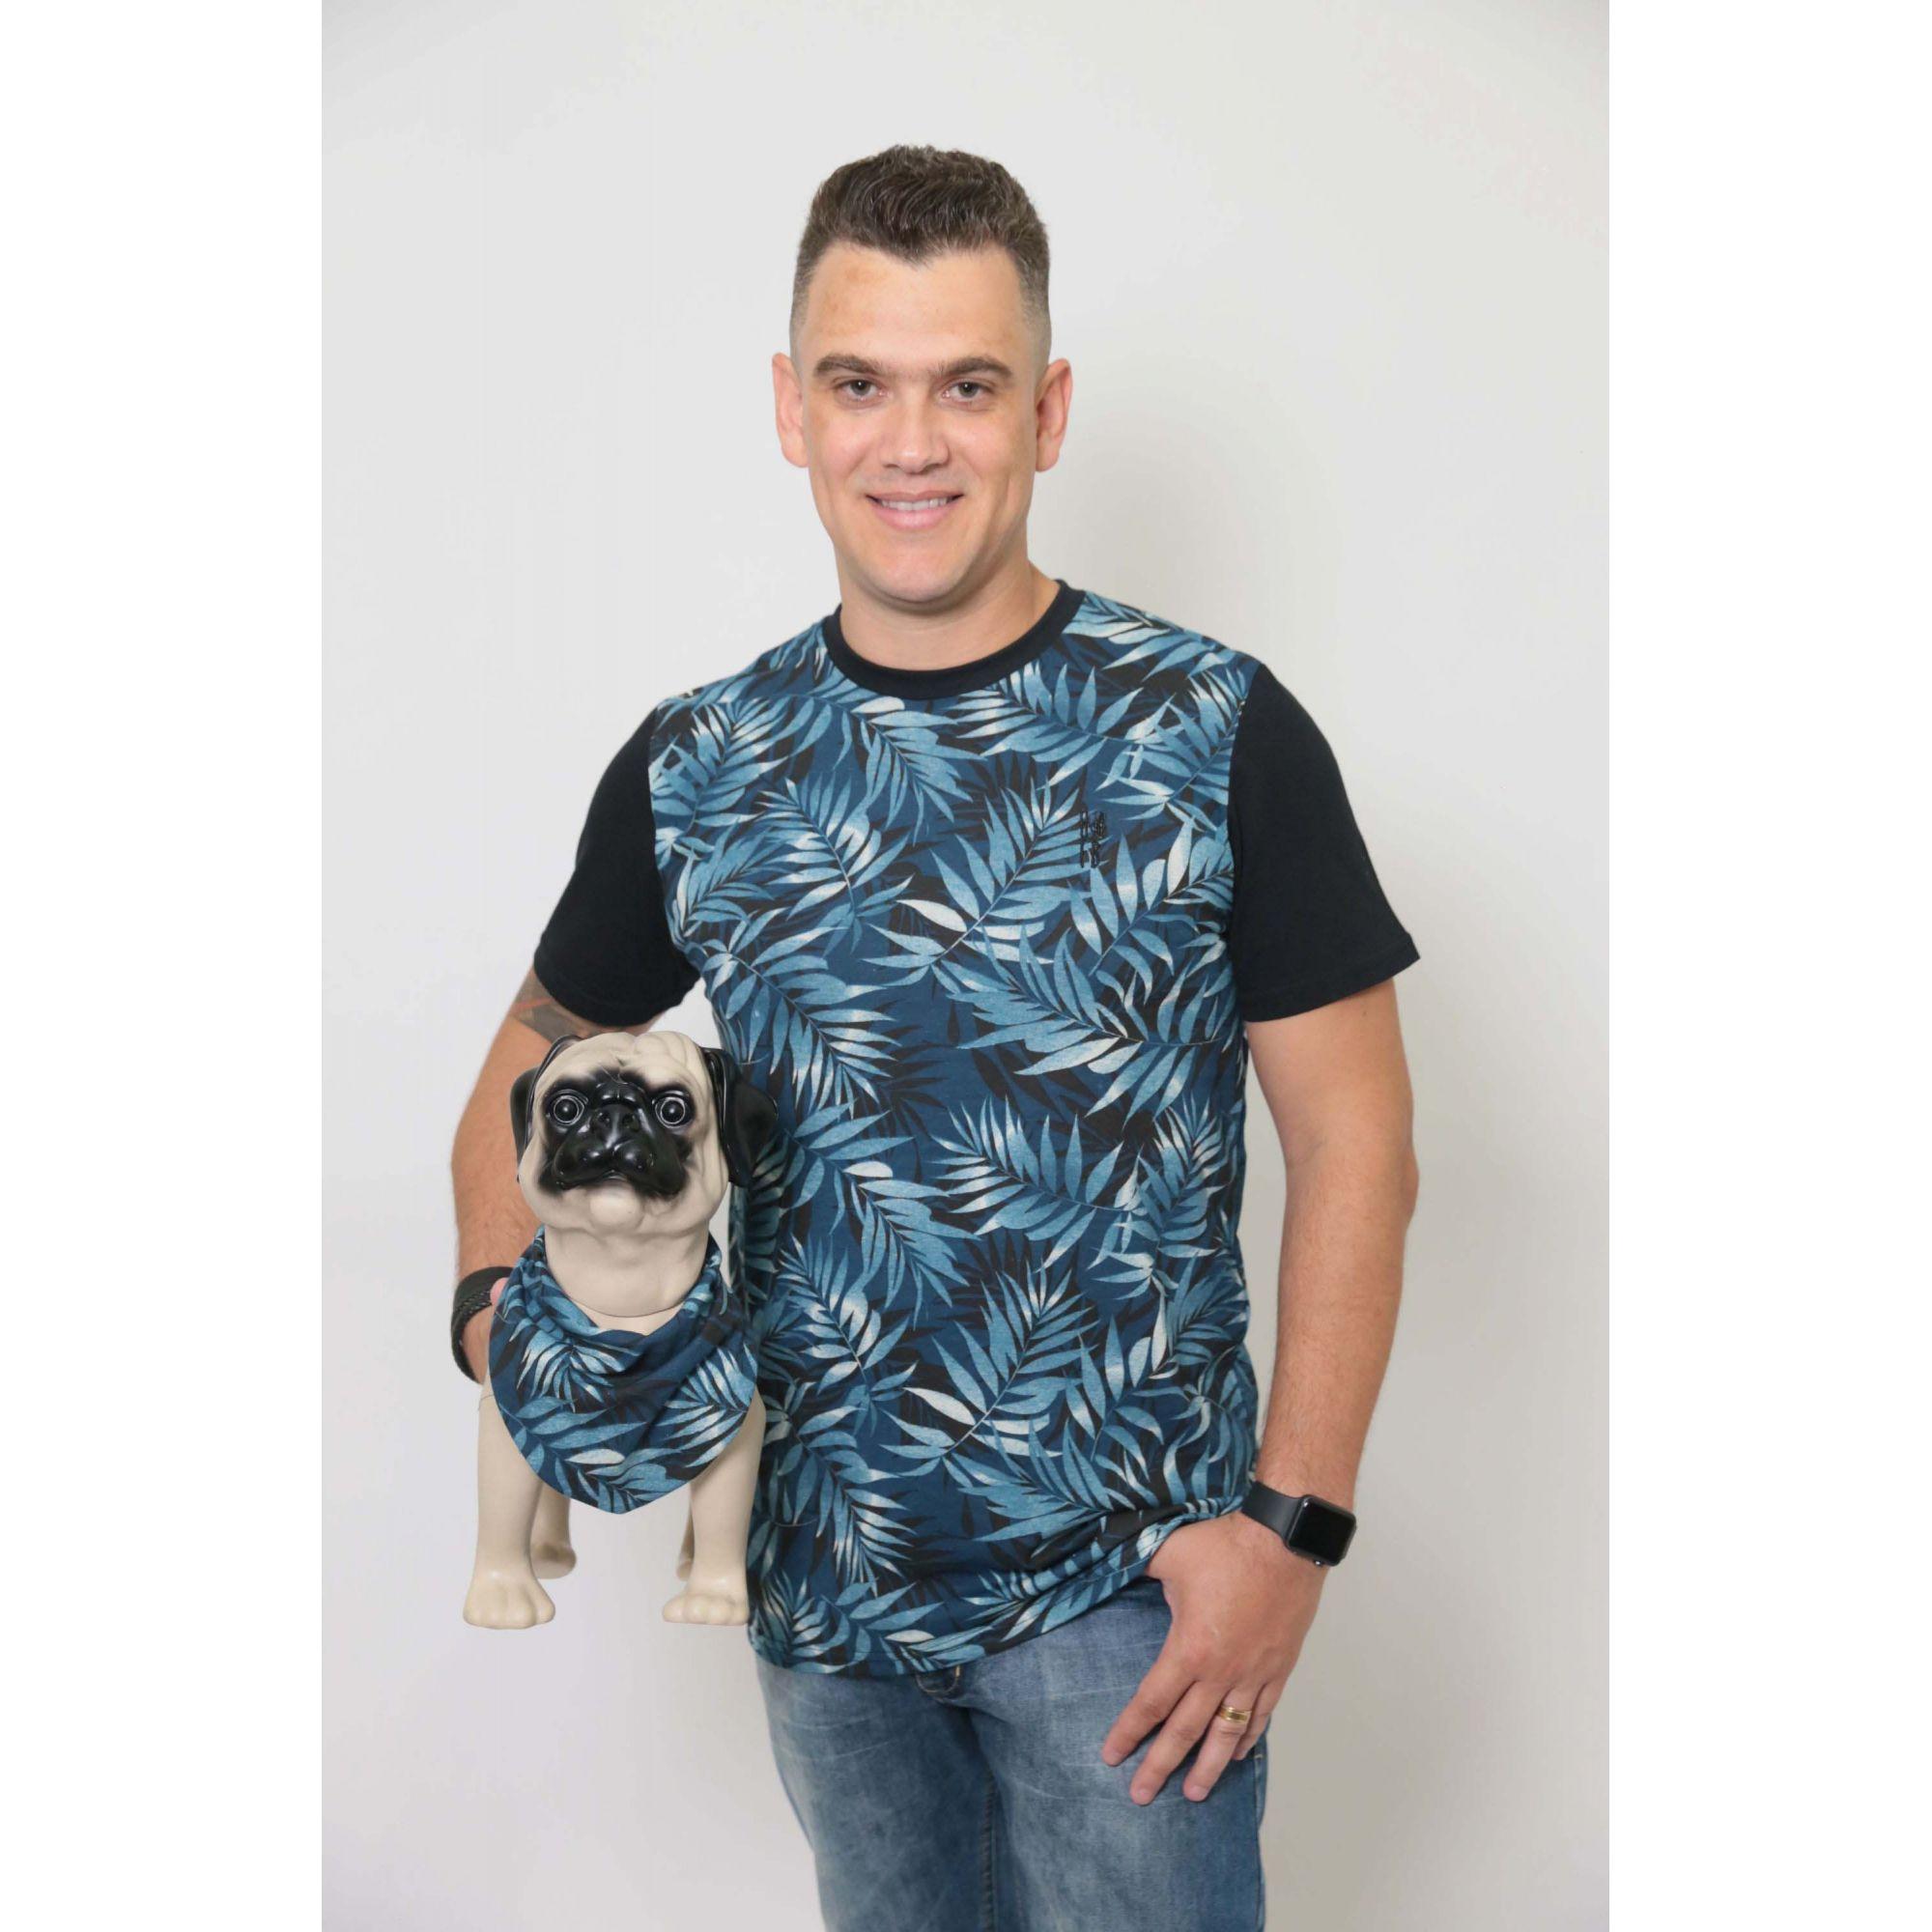 PAIS E PET > Kit 3 peças T-Shirt + Bandana - Tropical [Coleção Família]  - Heitor Fashion Brazil